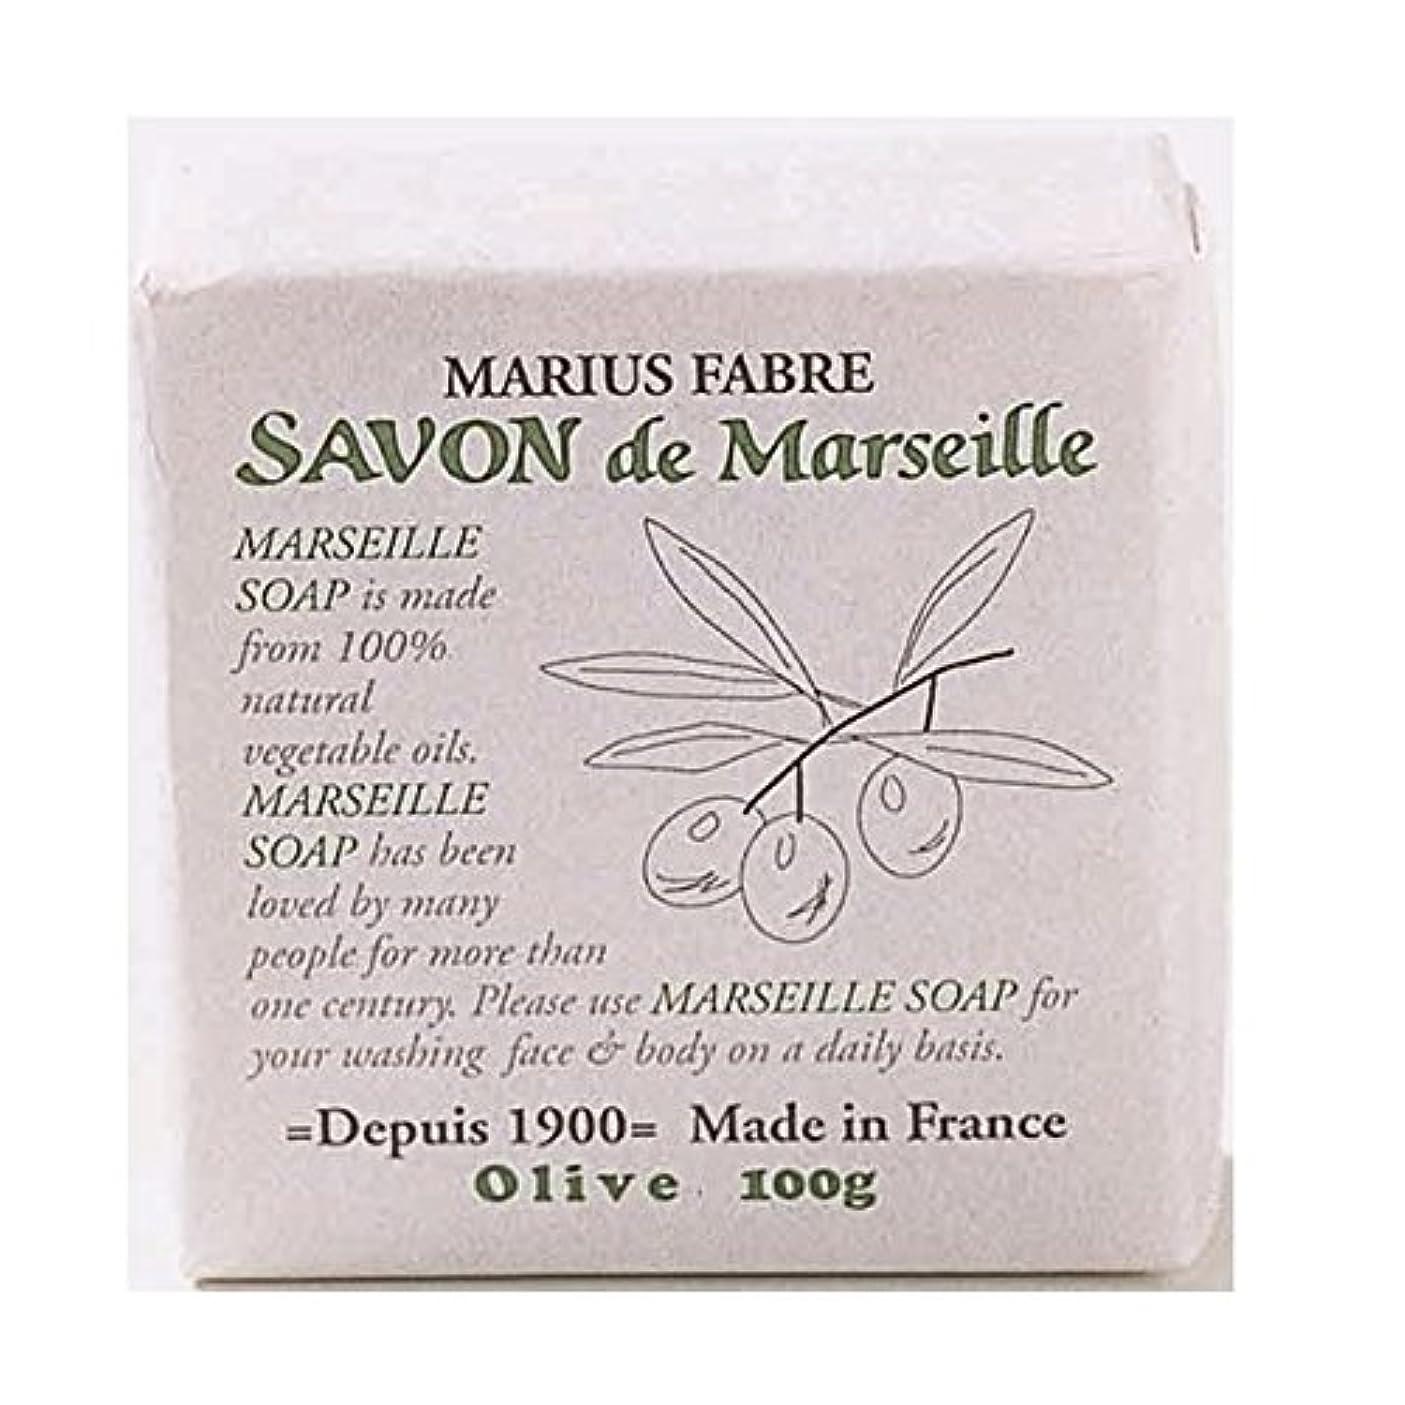 解き明かす彼女ここにサボンドマルセイユ 無香料 オリーブ石鹸 100g 6個セット マリウスファーブル